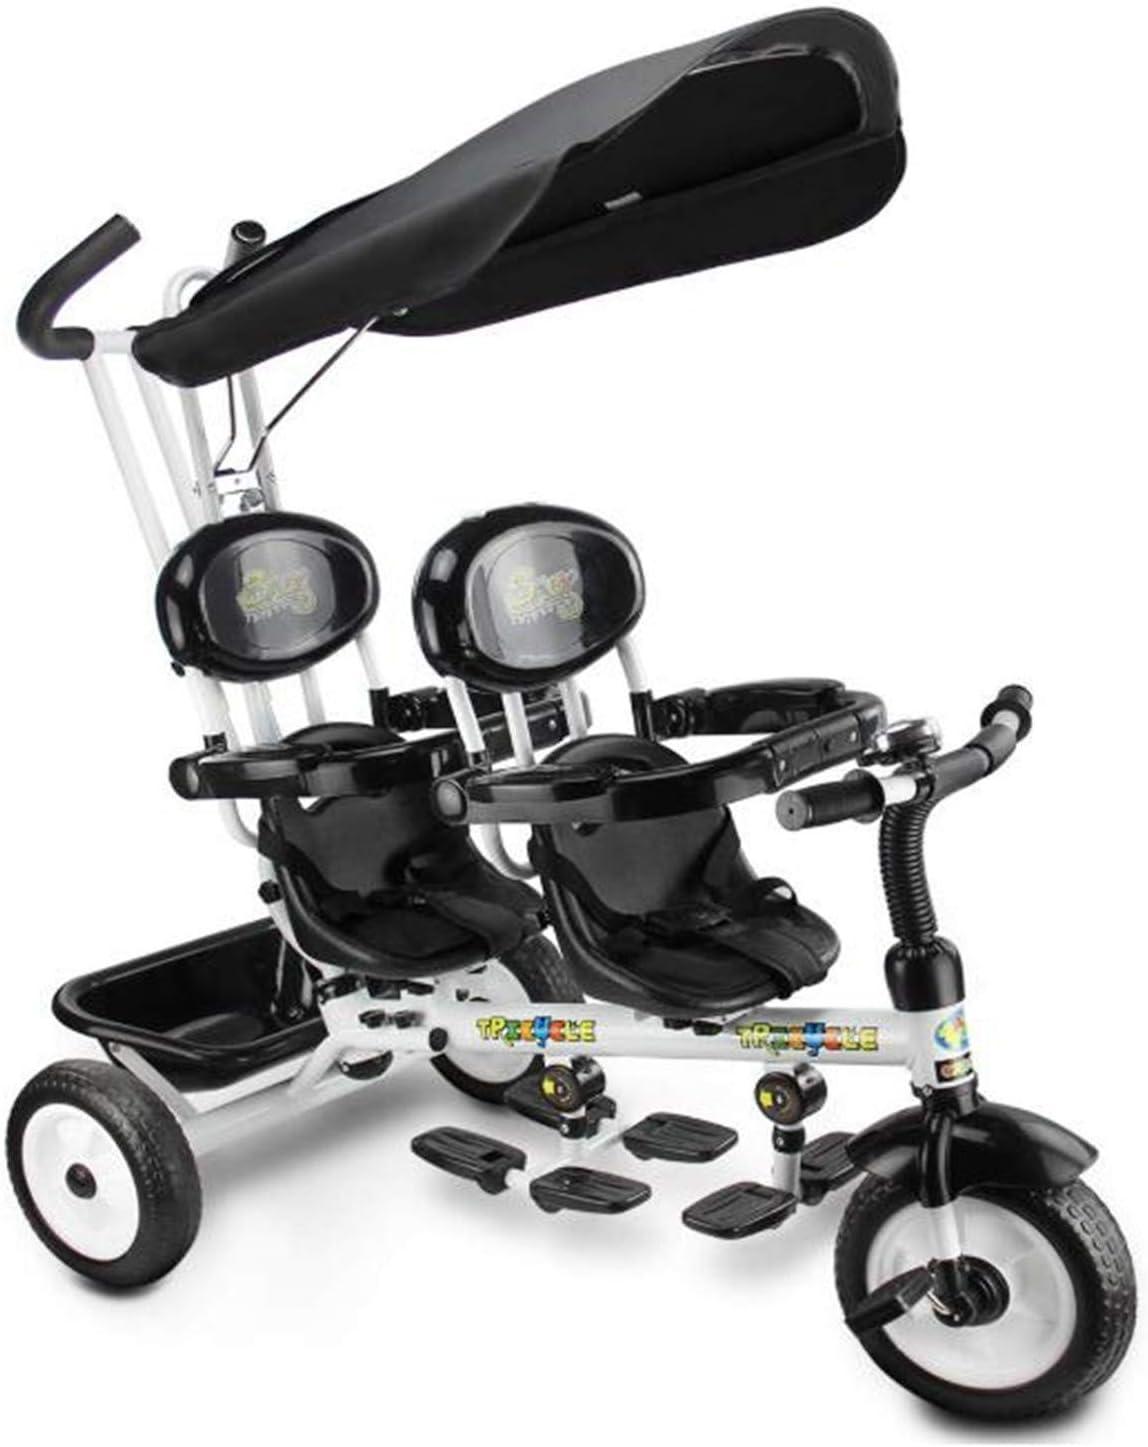 BABIFIS Niños 4 en 1 triciclos de niños Triciclos Dobles para Gemelos, Cochecito de Cochecito de bebé Infantil 3 Ruedas con Dosel y Canasta Black